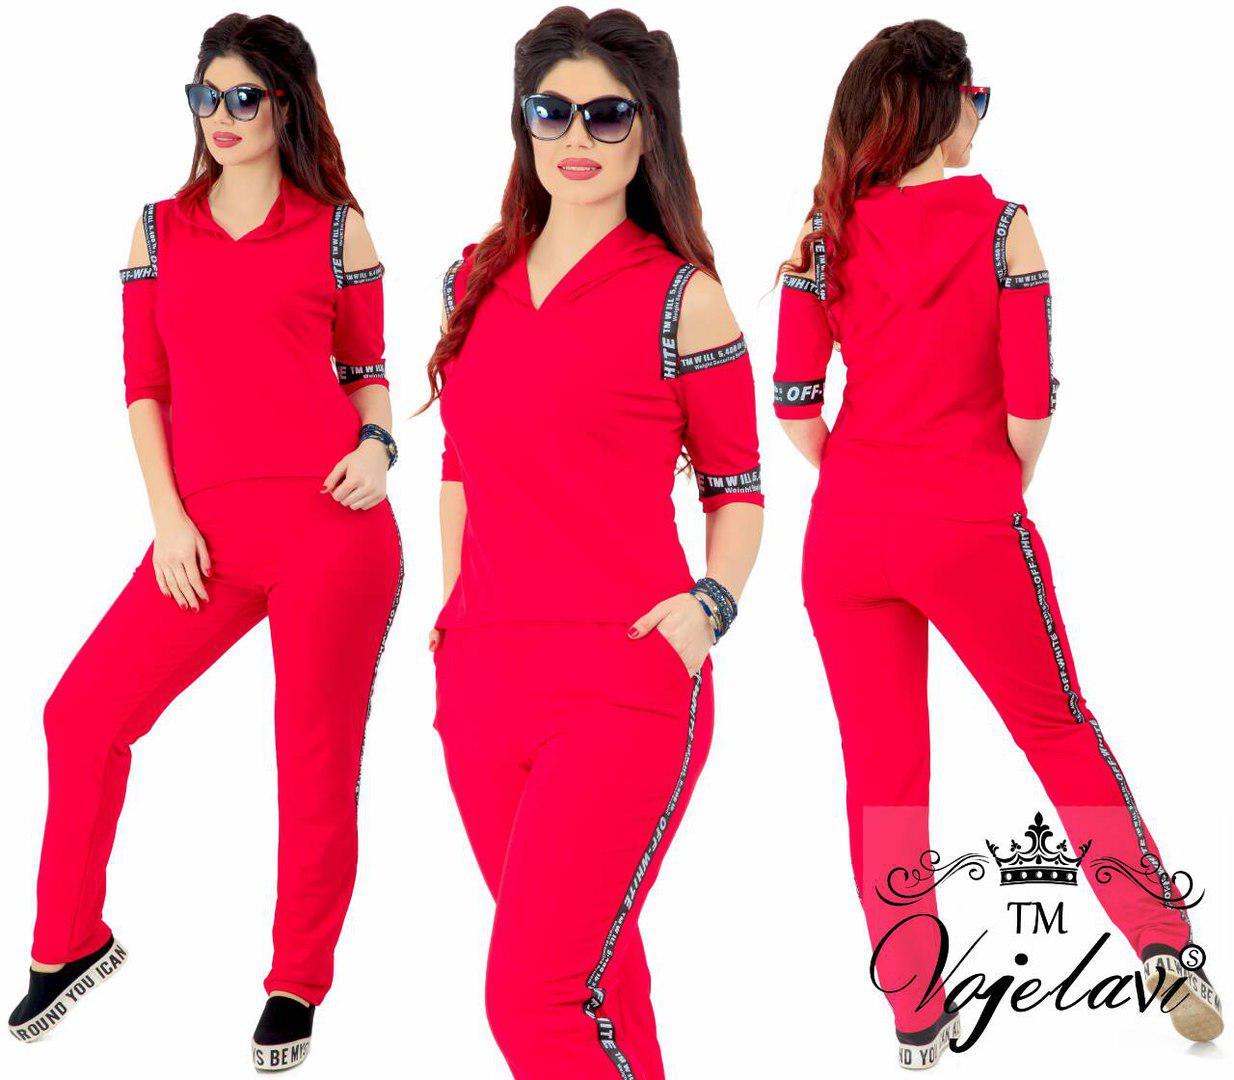 0db59852d34ac Спортивный красный костюм на женщин т.м. Vojelavi A133G оптом и в ...